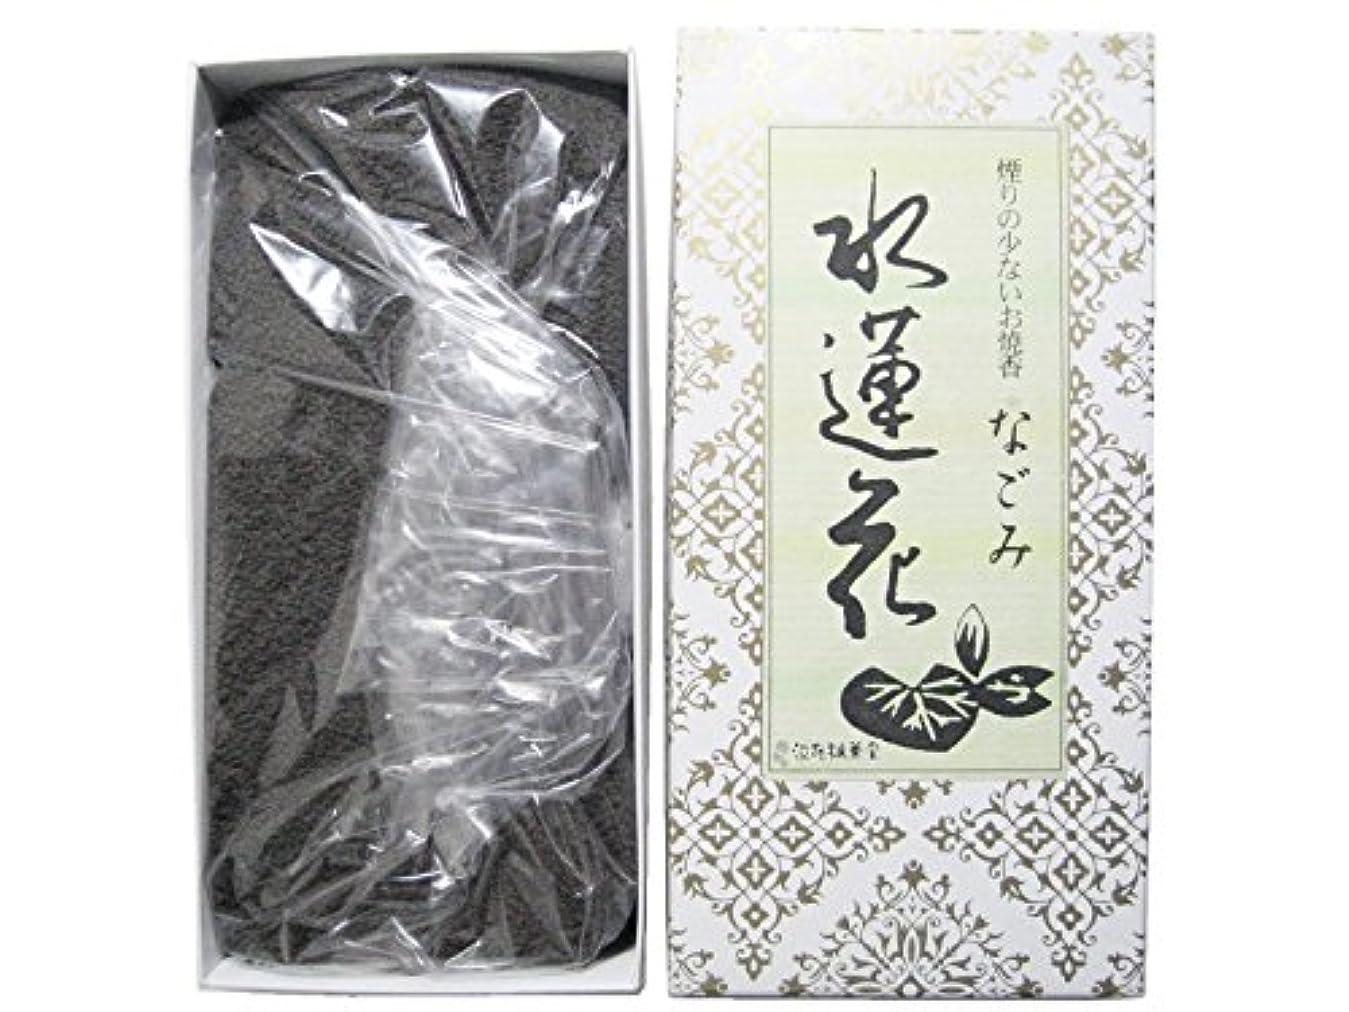 マイクロフォン和メタン淡路梅薫堂のお香 煙の少ないお焼香 なごみ 水蓮花 500g×15箱 #931